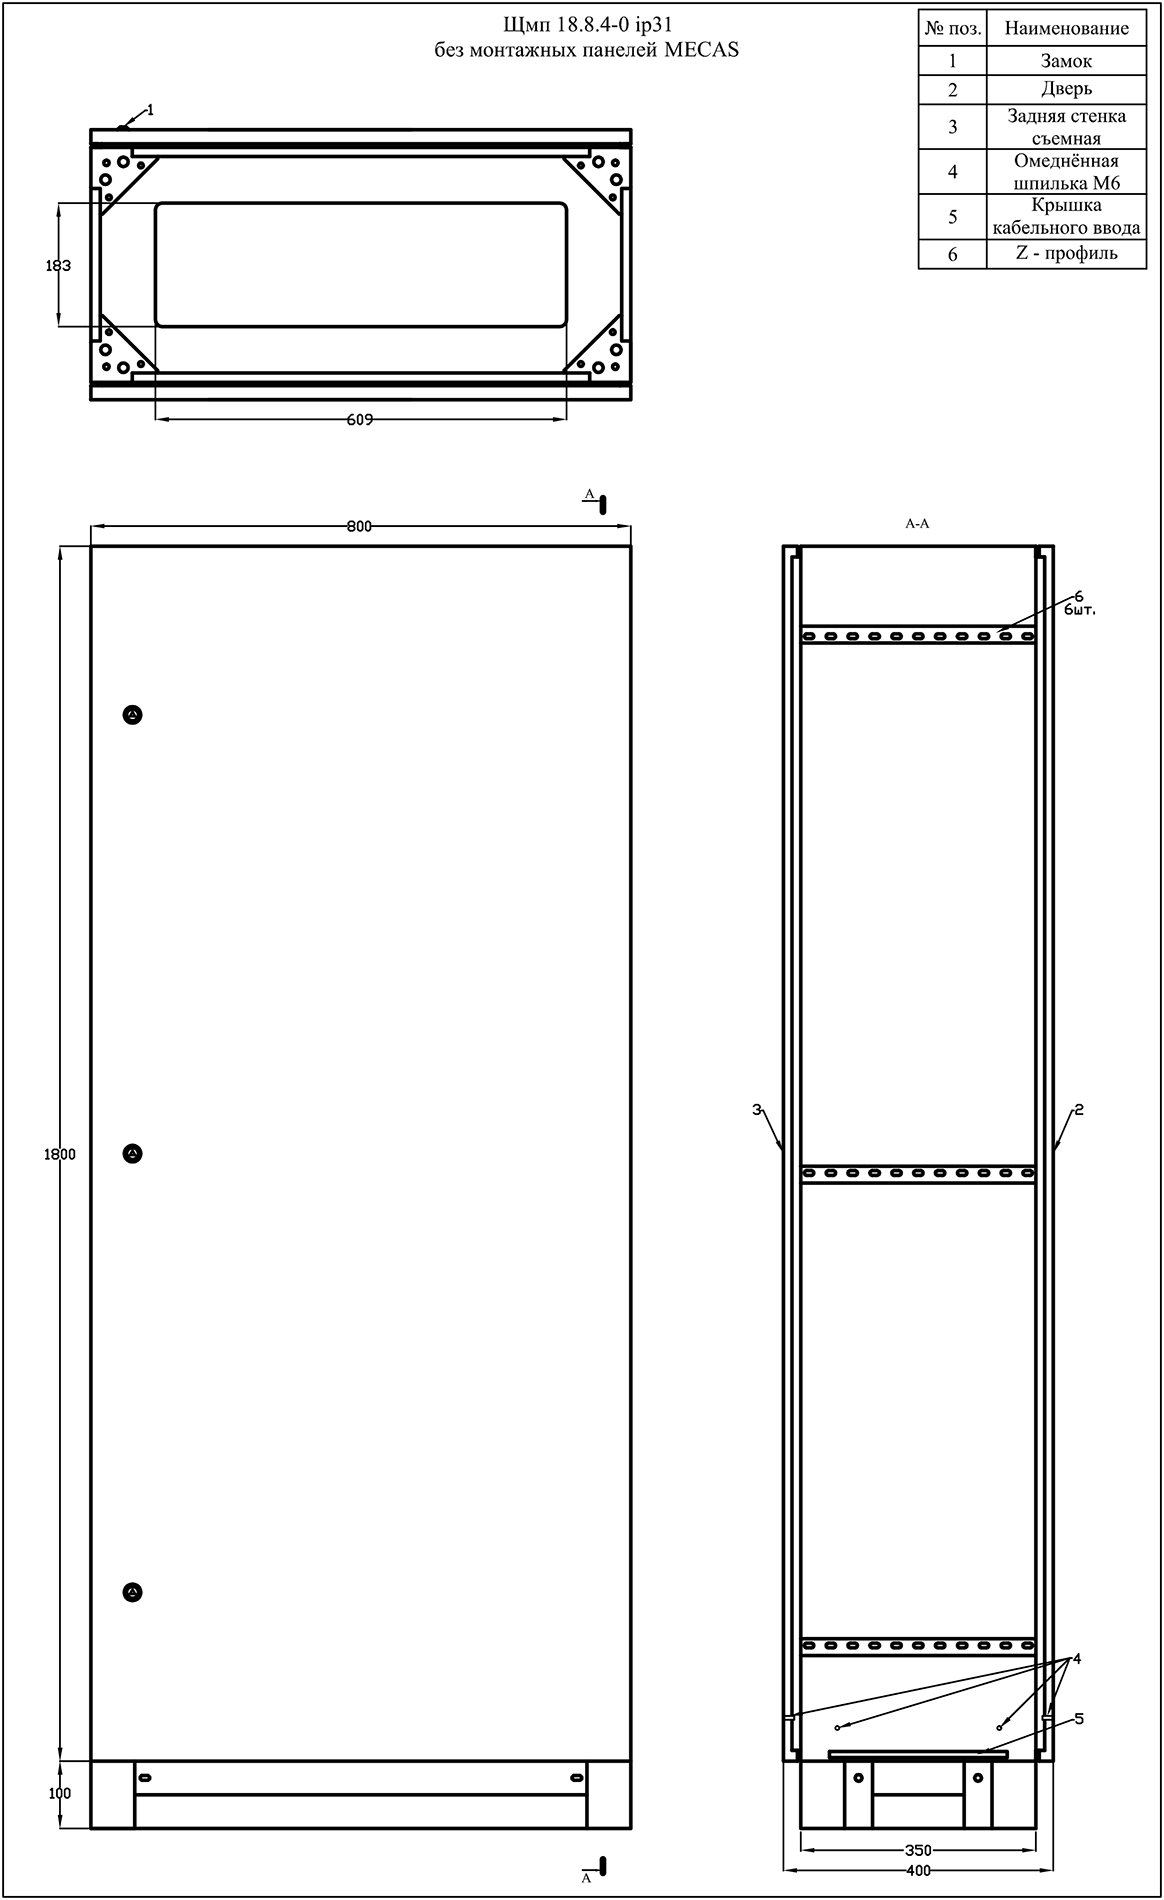 ЩМП-18.8.4-0 (1800х800х400) IP31 без монтажных панелей MECAS